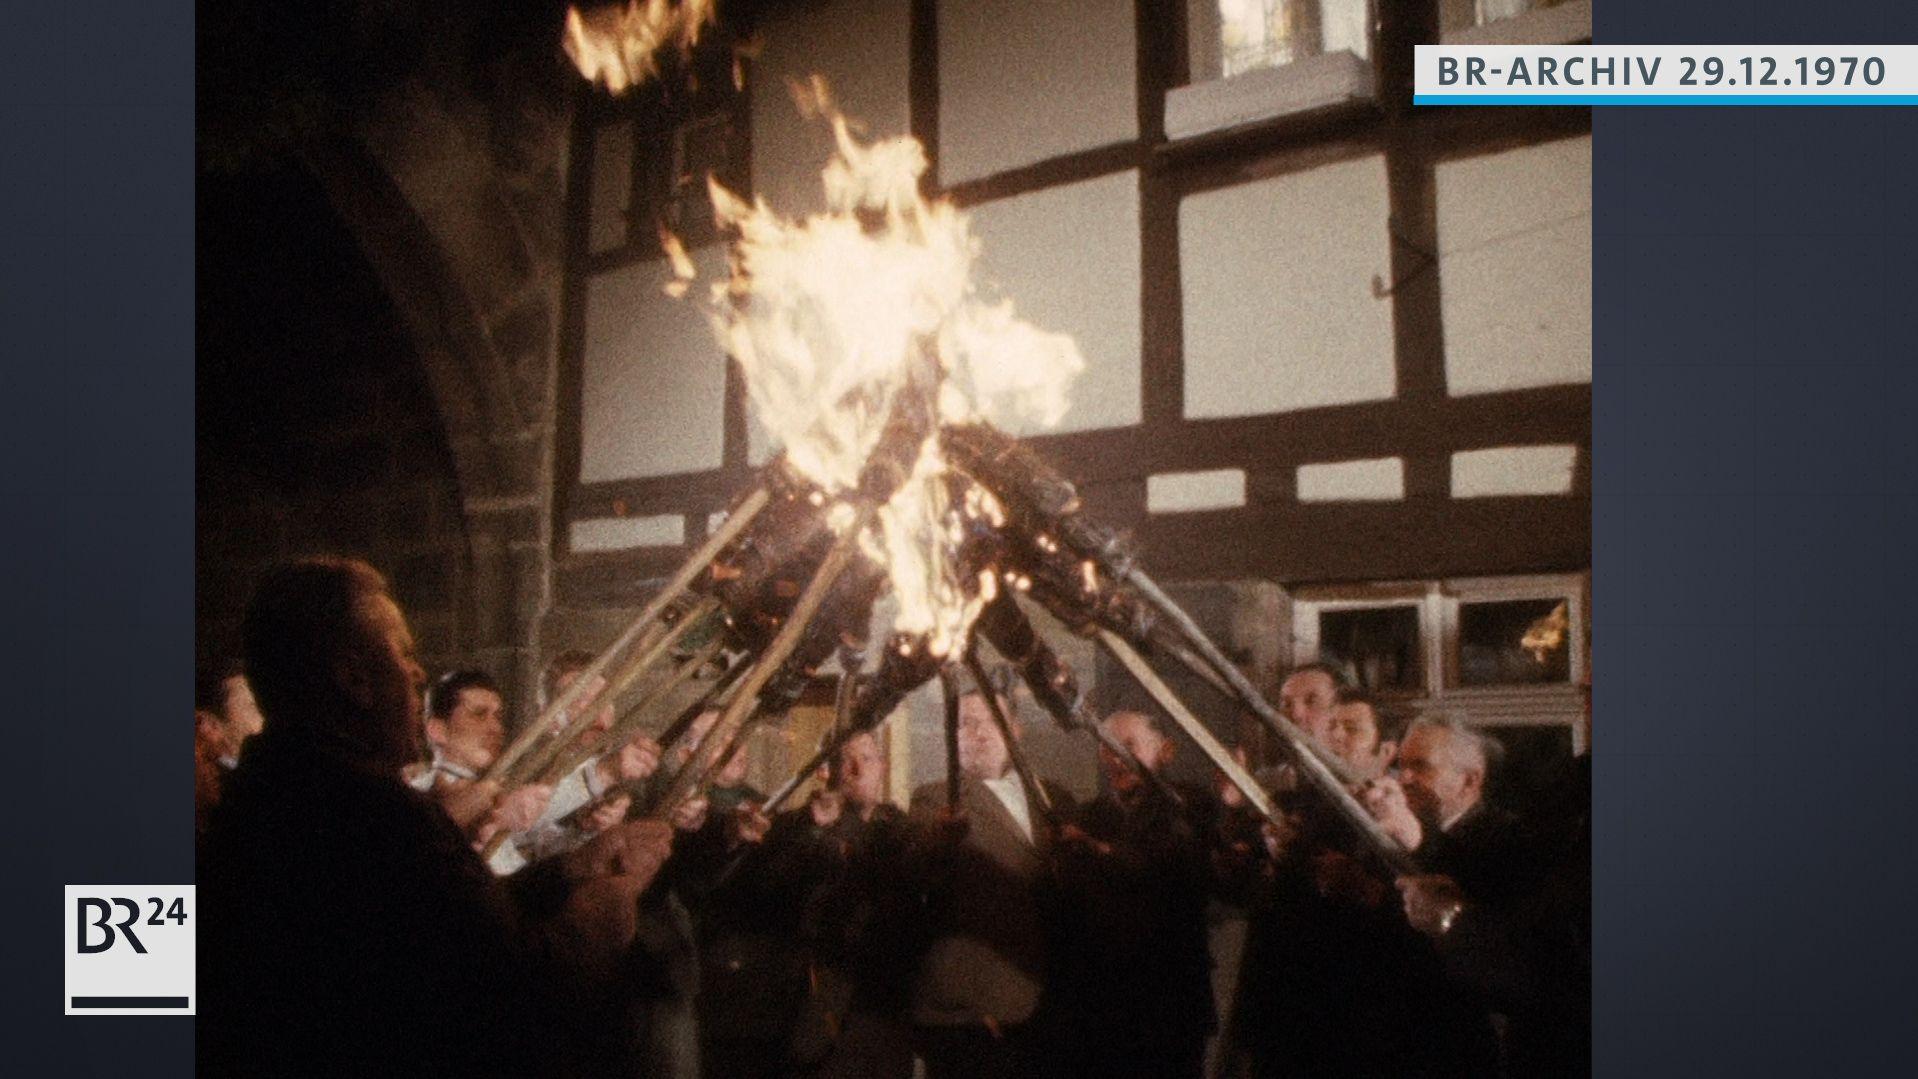 Männer halten brennende Besen in die Luft